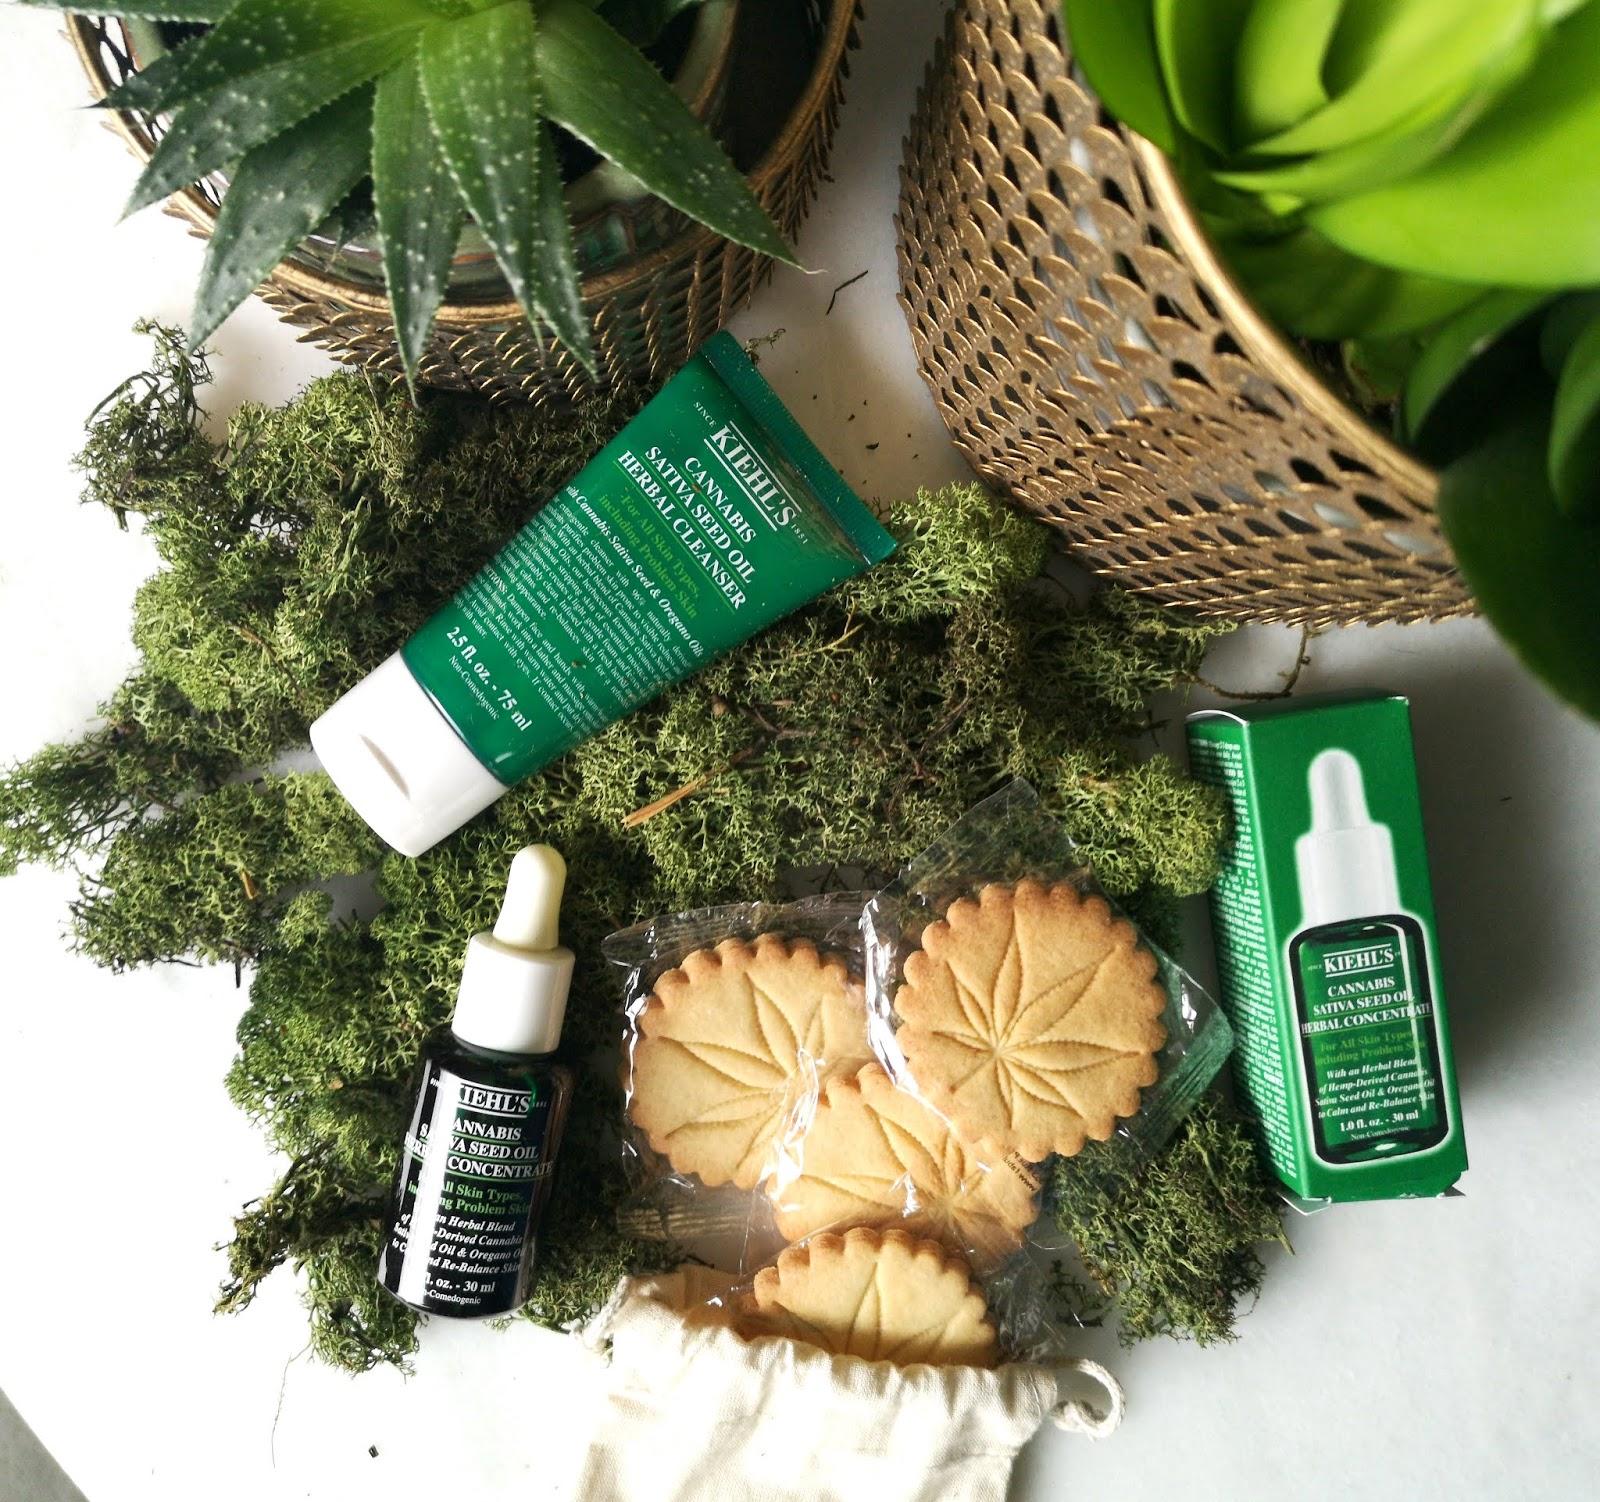 Haaaaaiiii!! | Kiehls Cannabis Sativa Seed oil herbal collectie